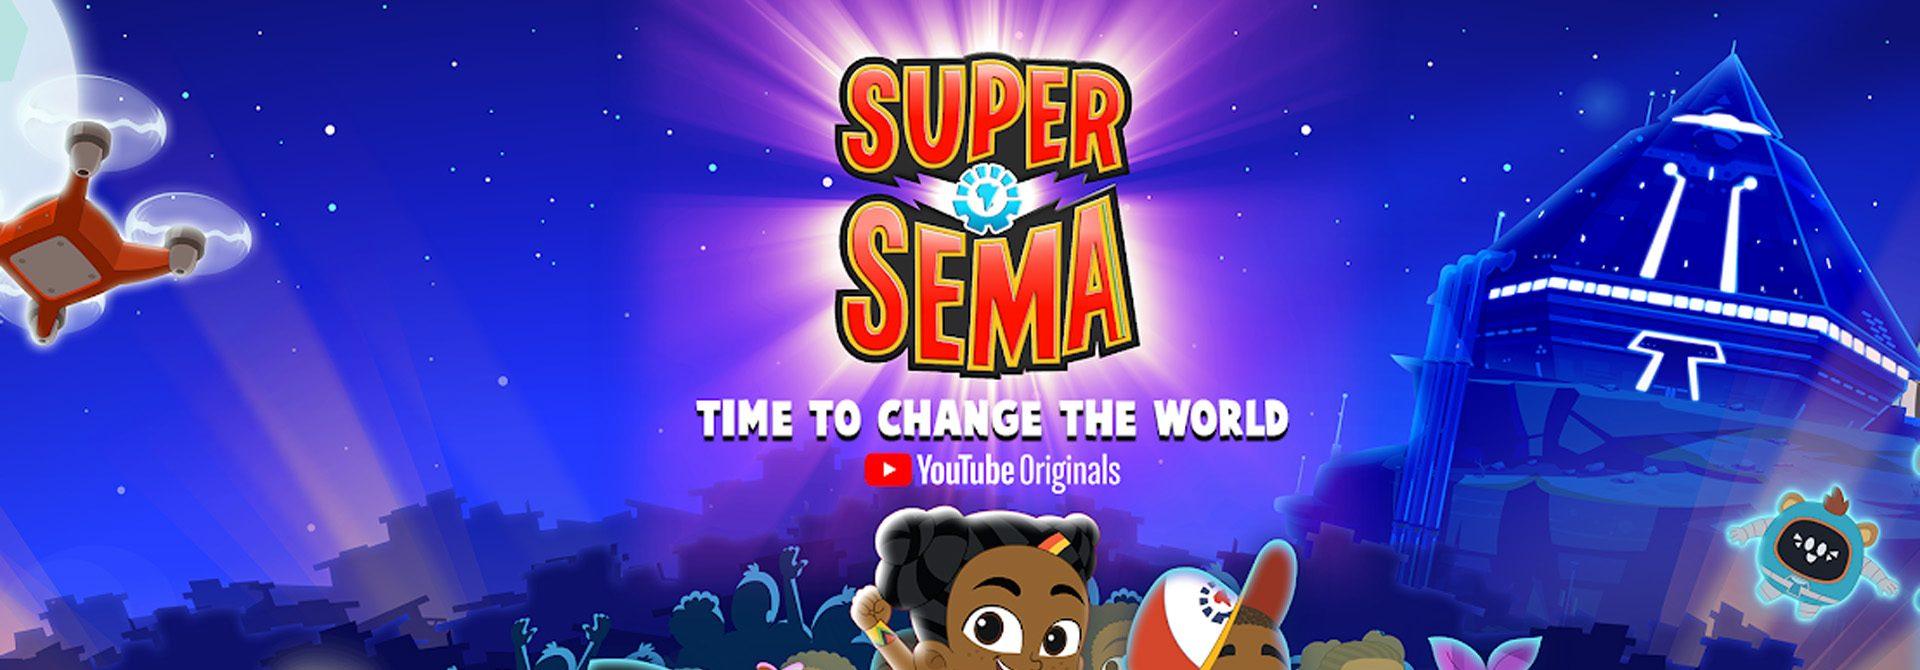 Super Sema Debuts on YouTube Originals